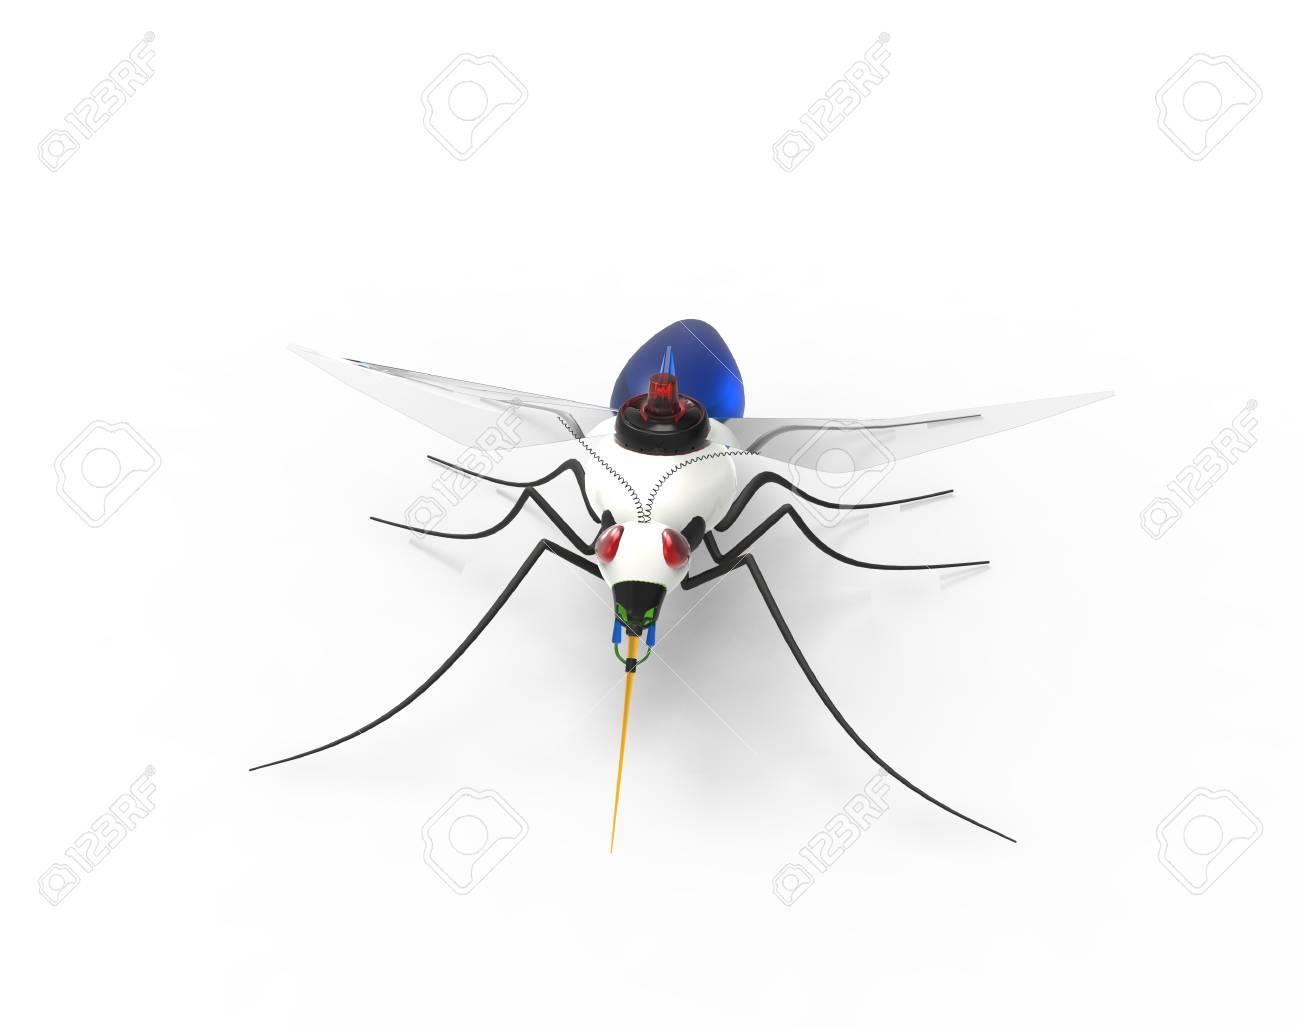 Futuristic Mosquito Nano Robots - 38517519